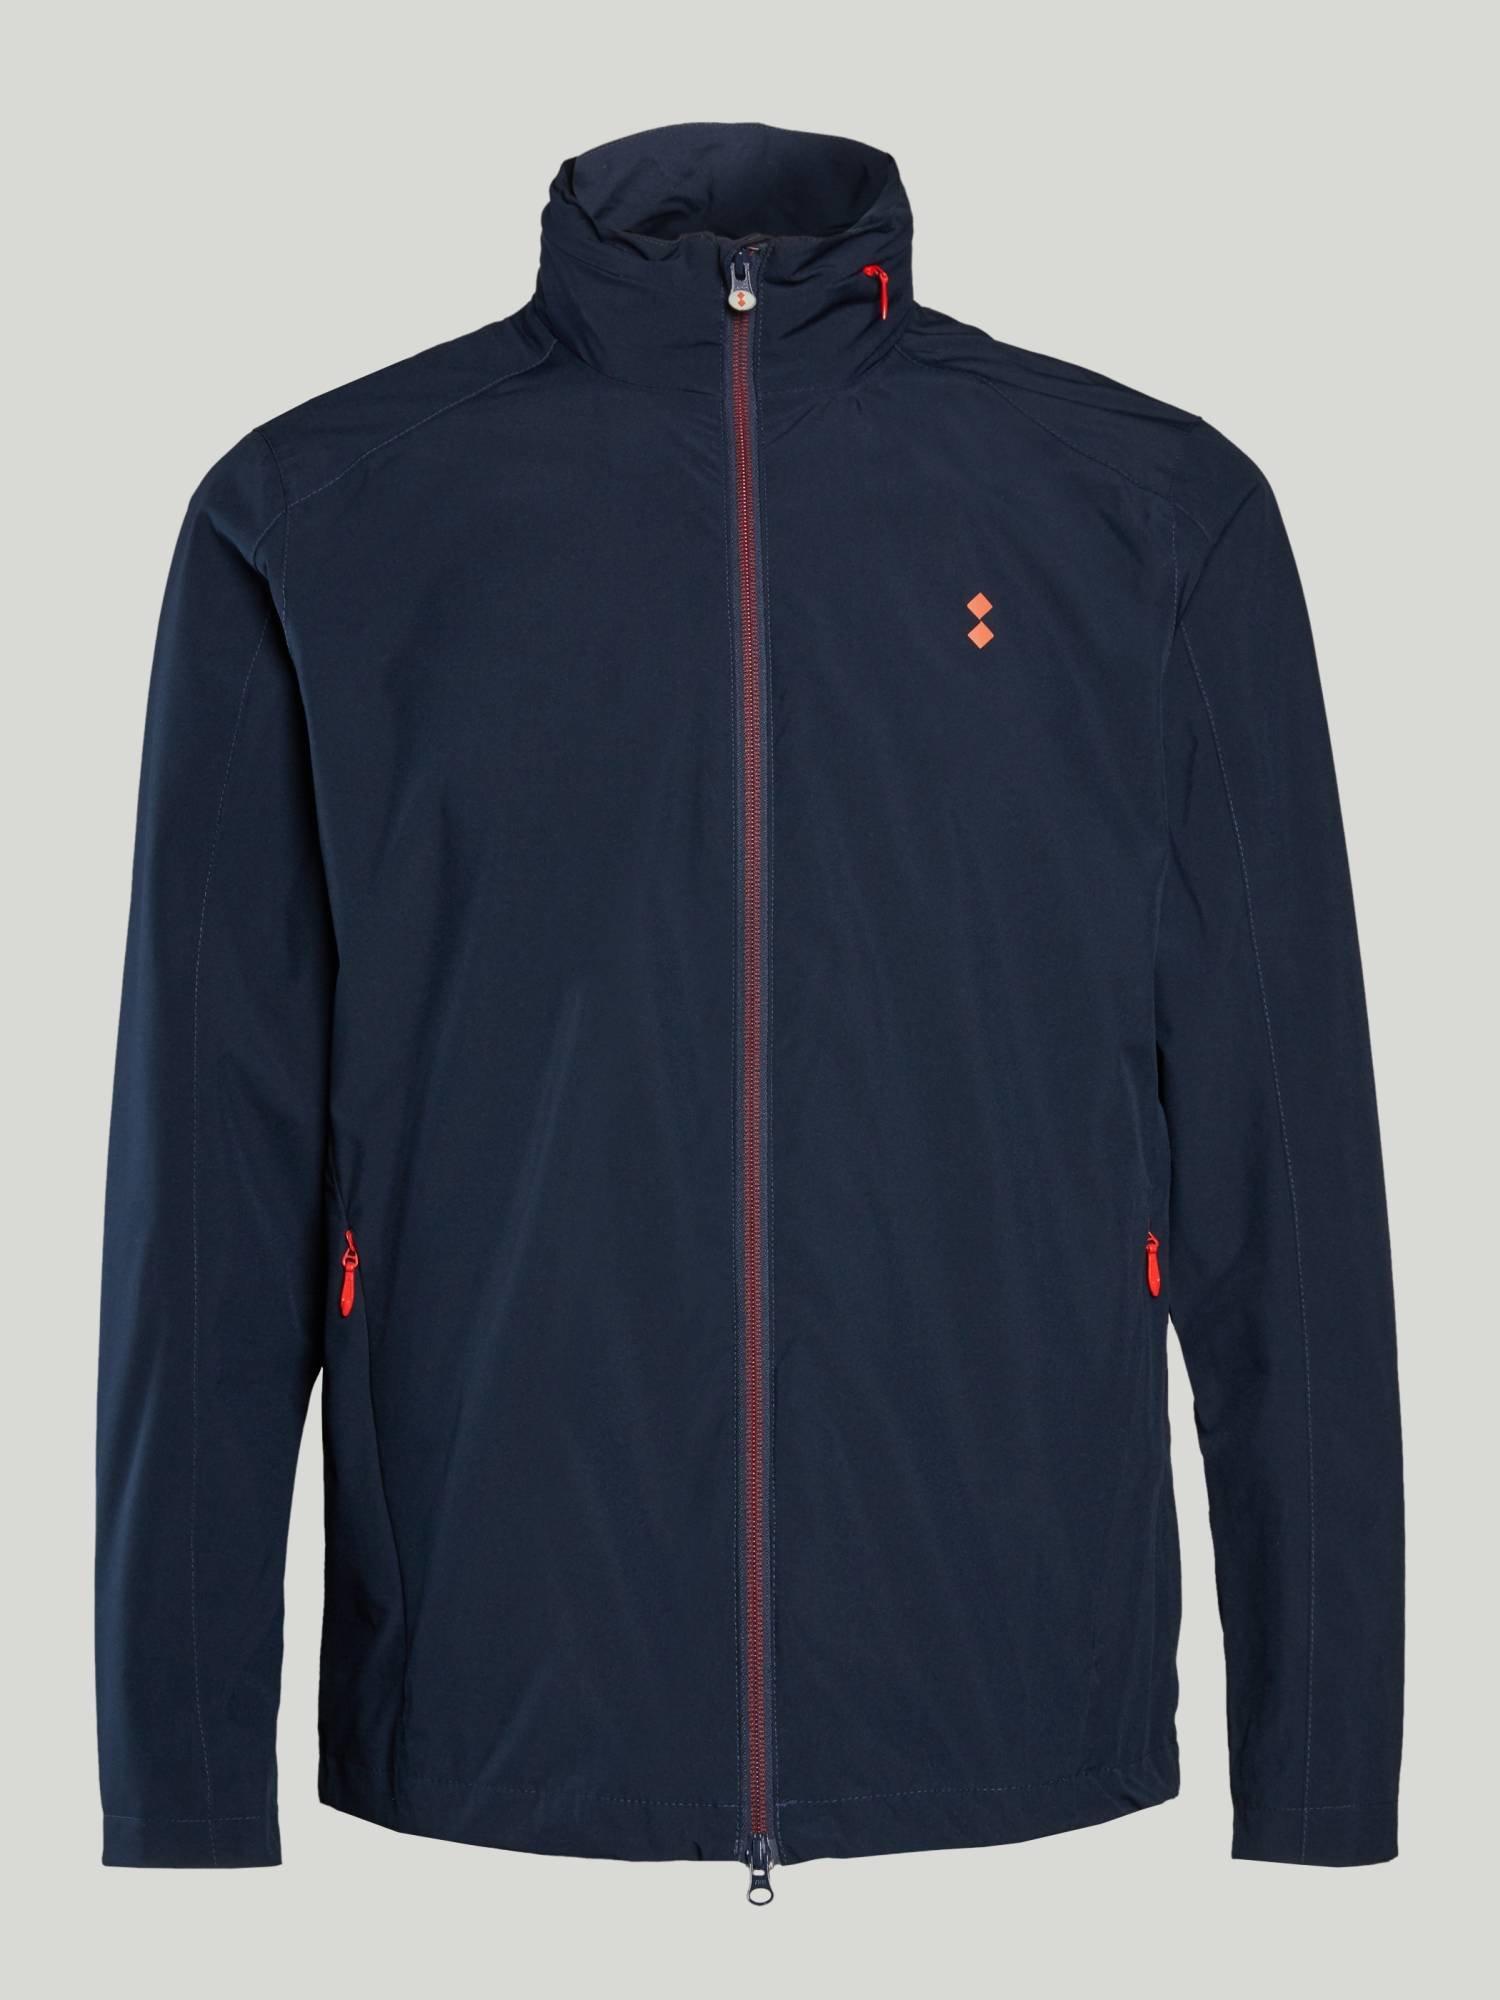 Jacket A214 - Azul Marino